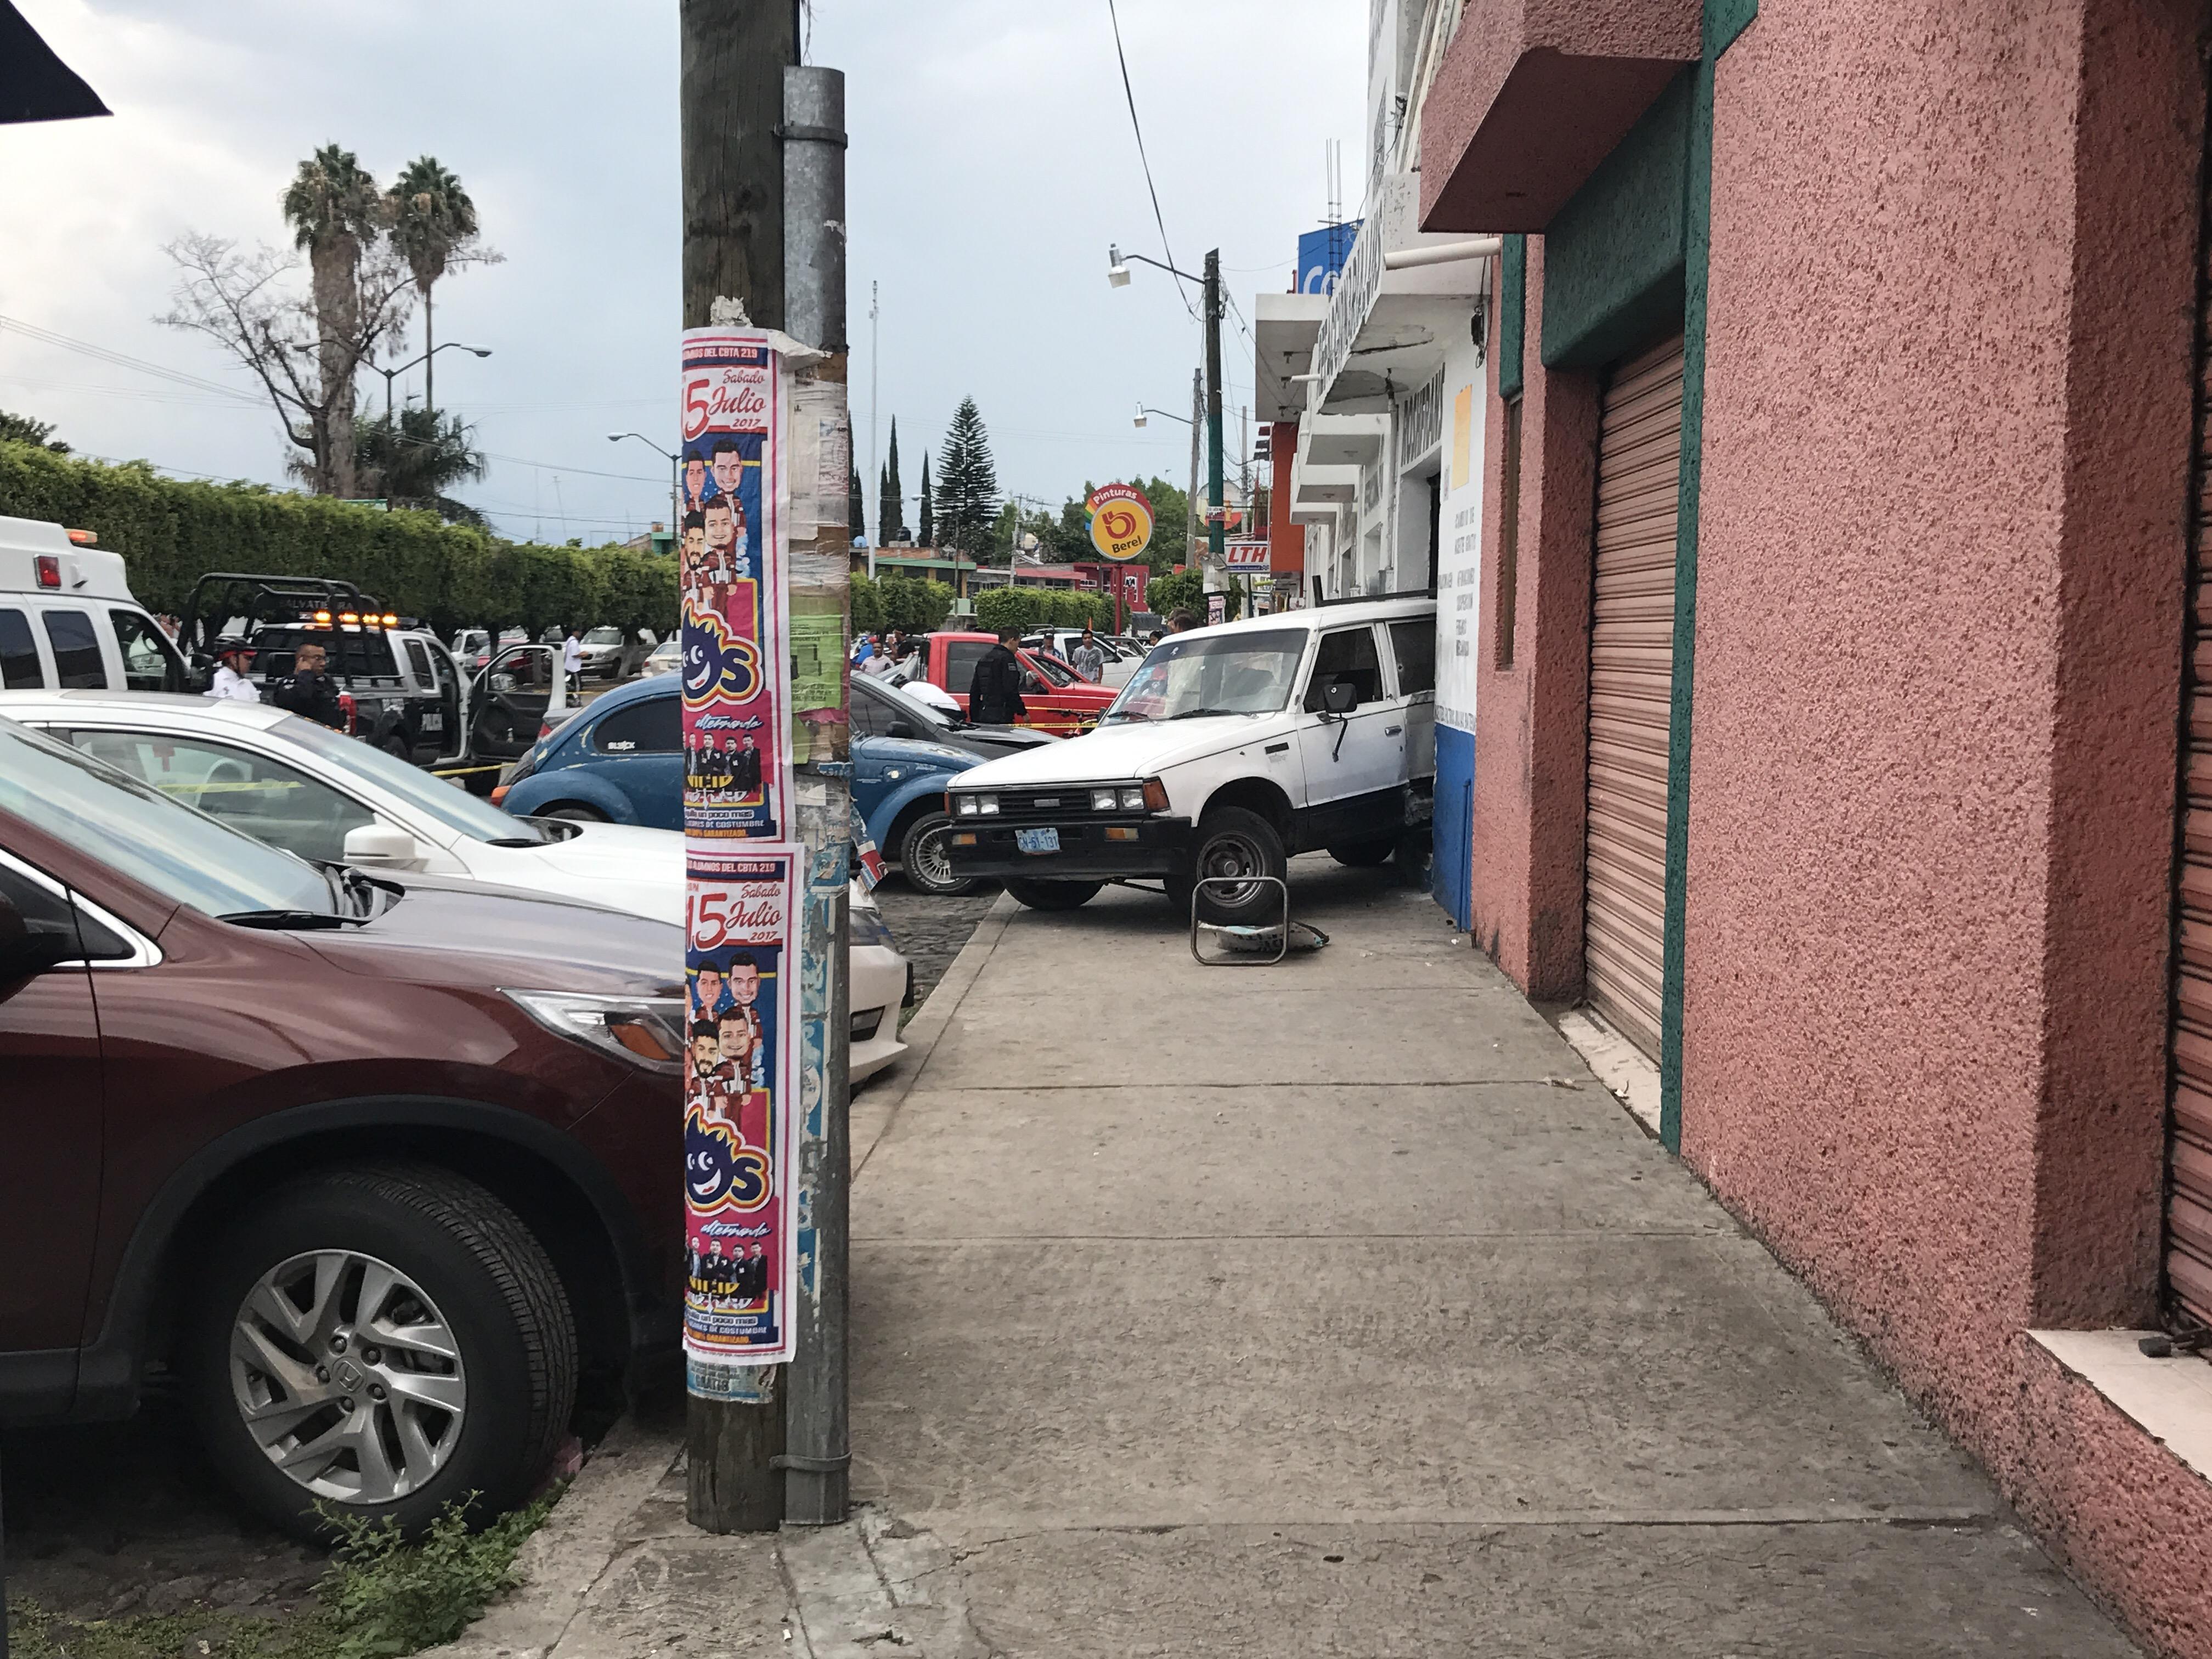 Fue identificado como Norberto Vázquez Fuentes de 52 años con domicilio en San Pedro de los Naranjos. Se dijo que presentaba heridas por arma de fuego en el tórax y cabeza.